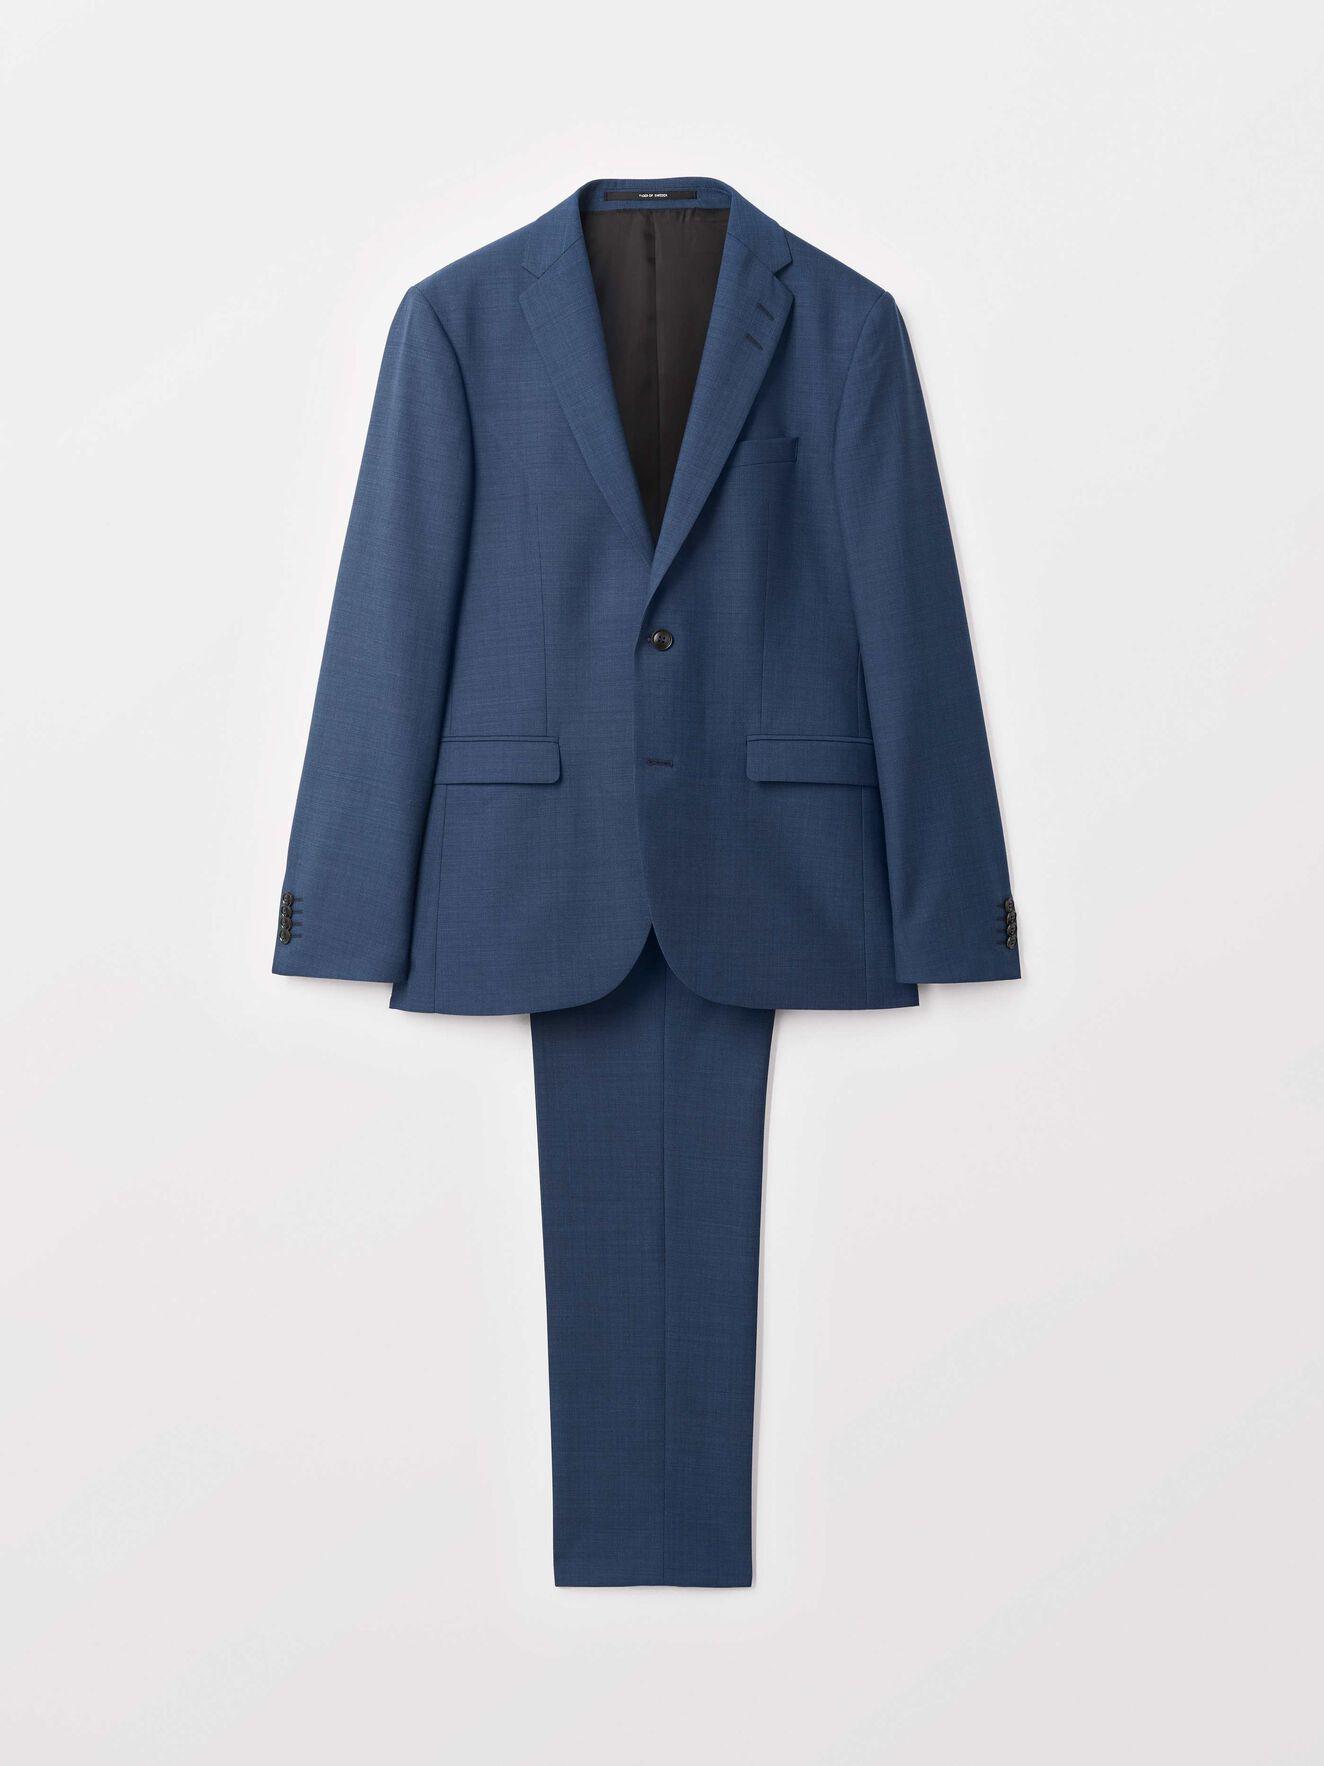 Henrie Suit in Mystic Ocean from Tiger of Sweden